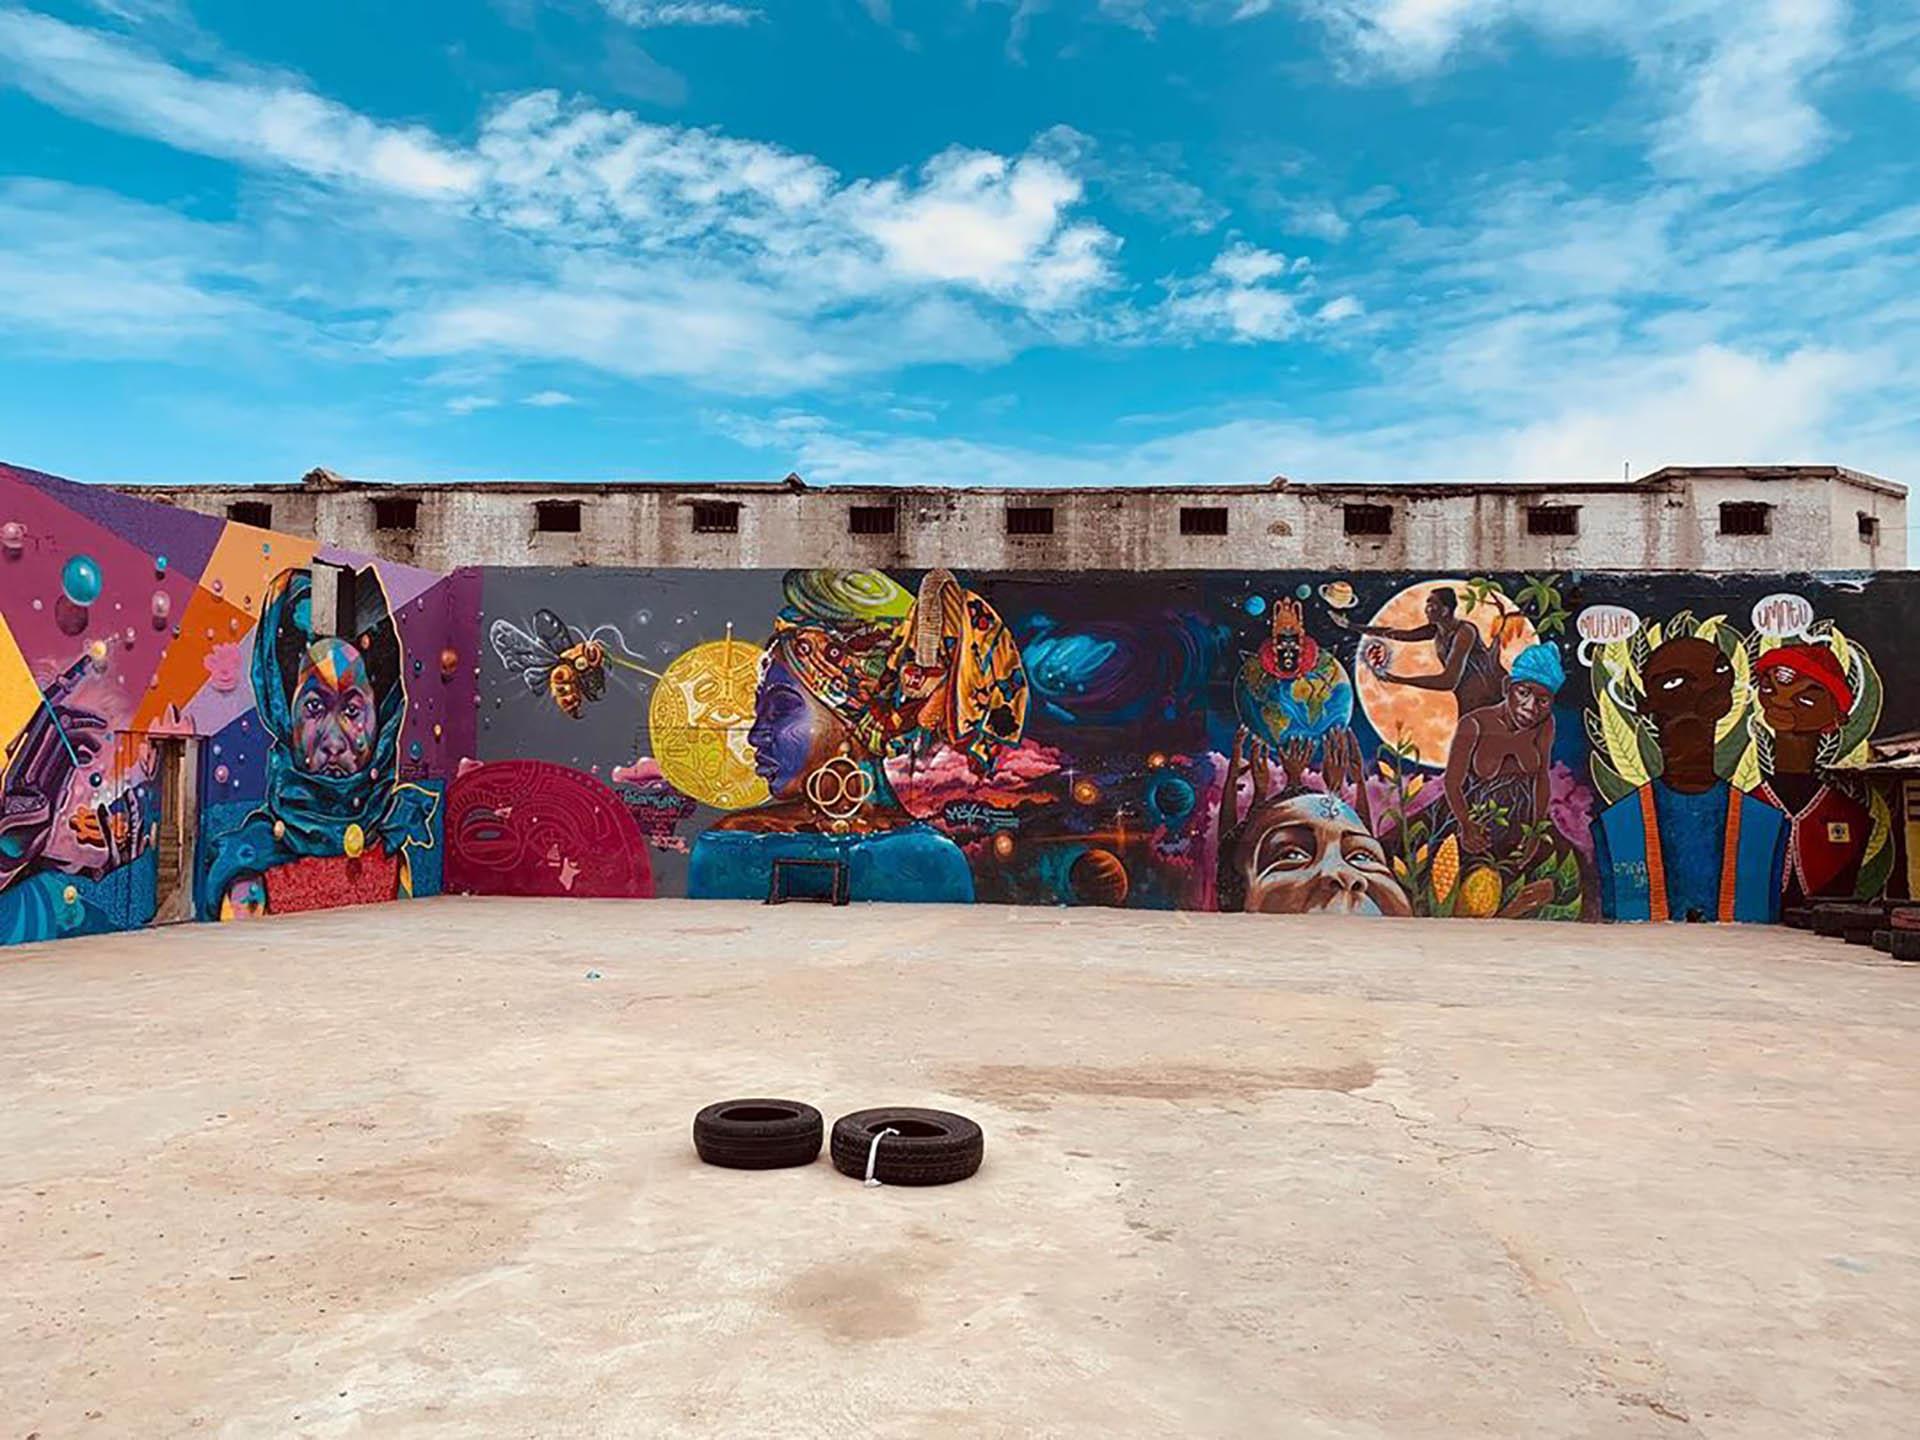 Jamestown es uno de los asentamientos más antiguos de Ghana. También es uno de los distritos más animados de la región de Accra y el lugar ideal para capturar los espíritus crudos de la danza y la música